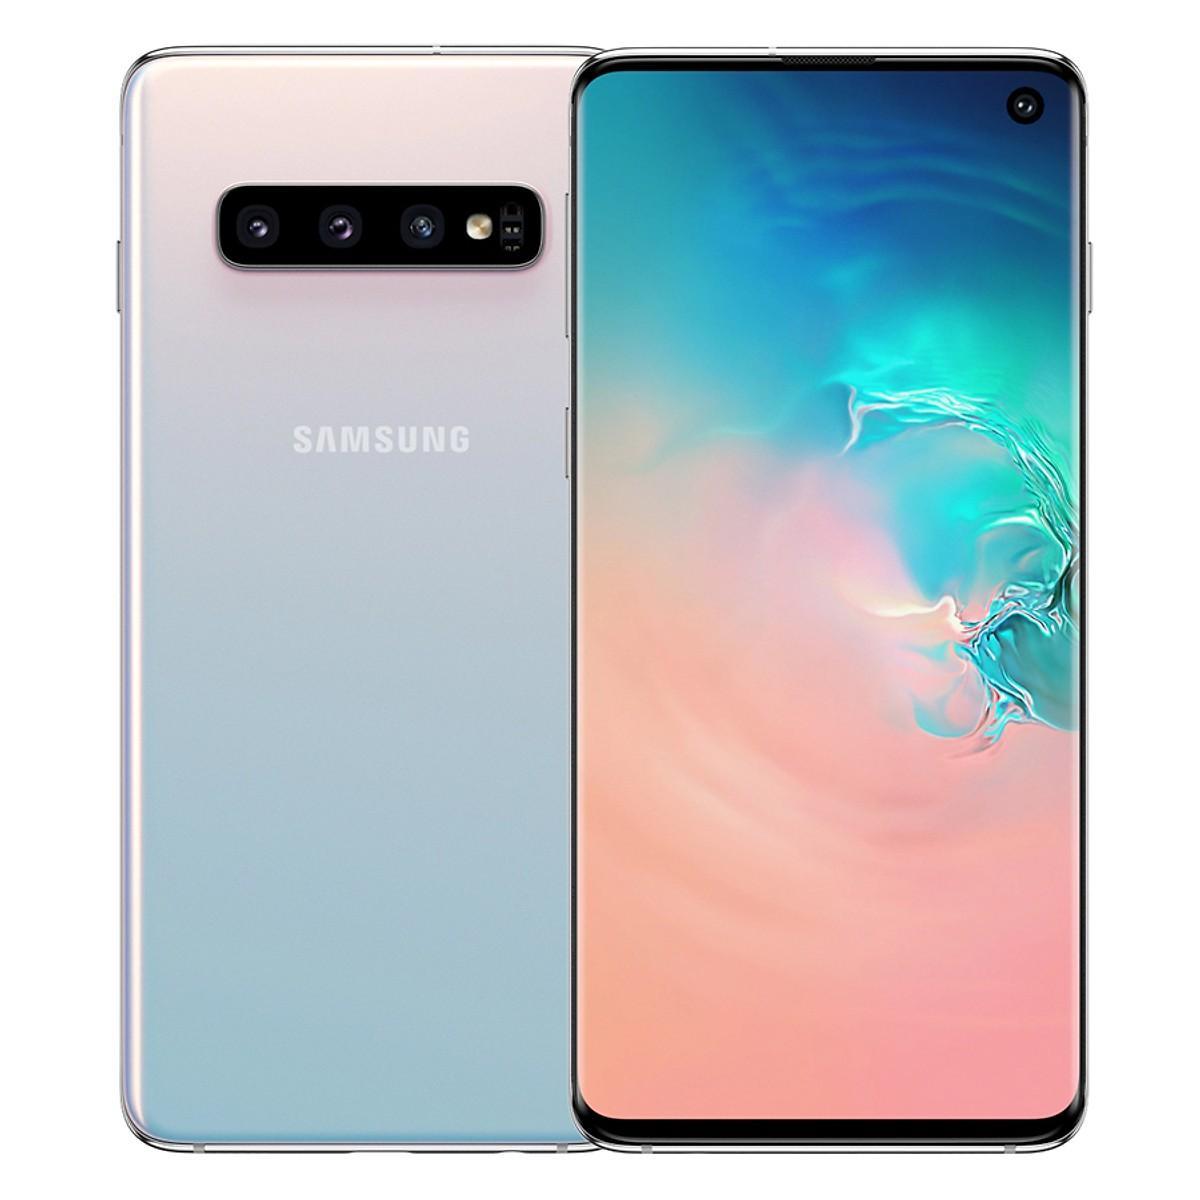 Điện Thoại Samsung Galaxy S10 (128GB/8GB)- Hàng Chính Hãng (Đã Kích Hoạt) Bảo Hành 12 Tháng - Trắng Pha Lê